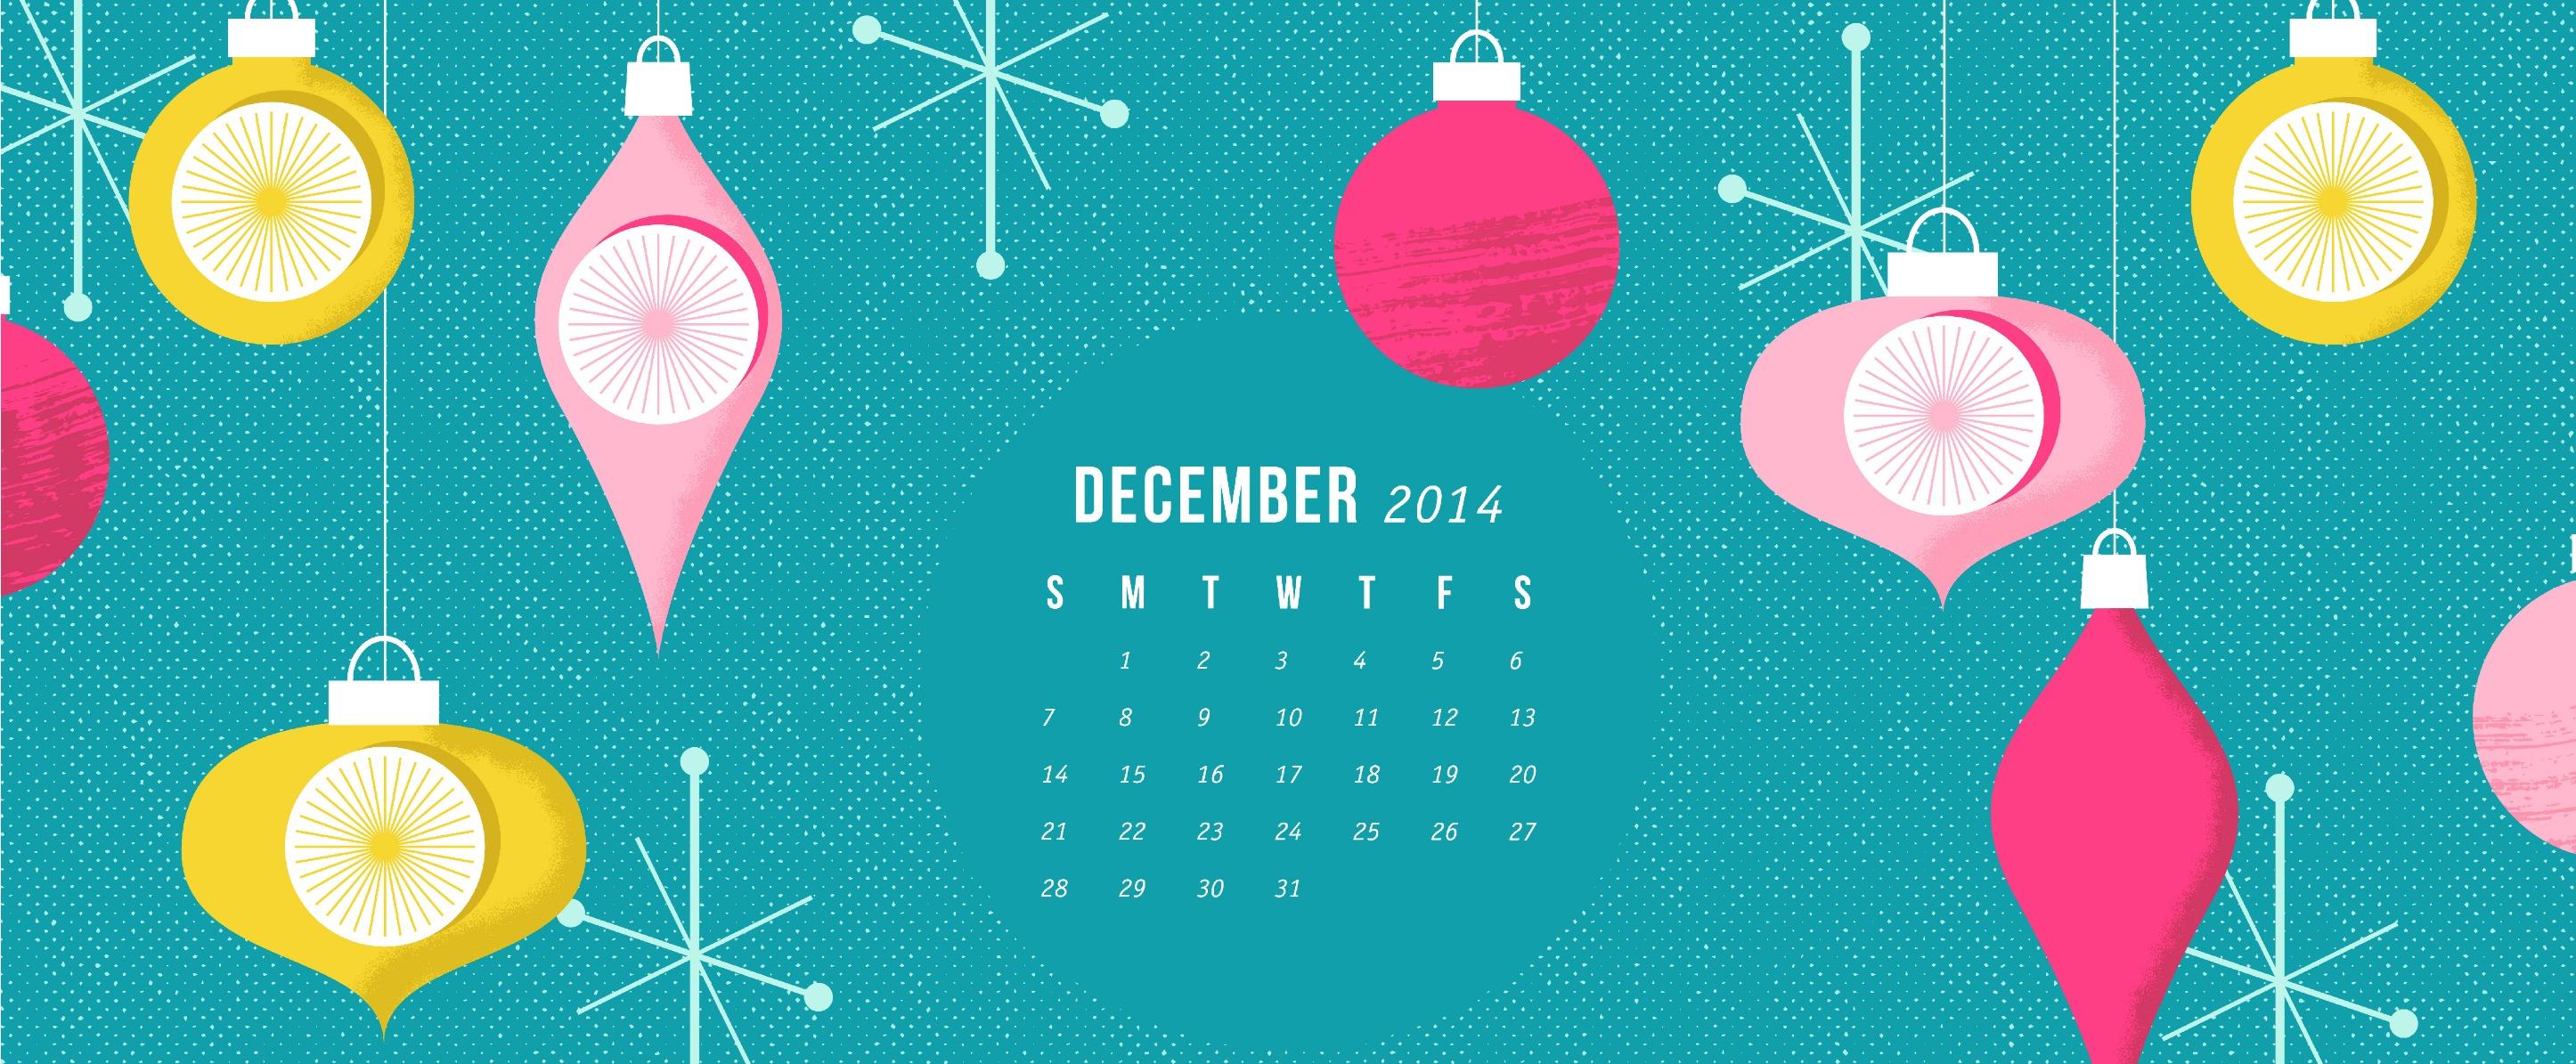 dec_2014_wallpaper_calendar_retina_mac